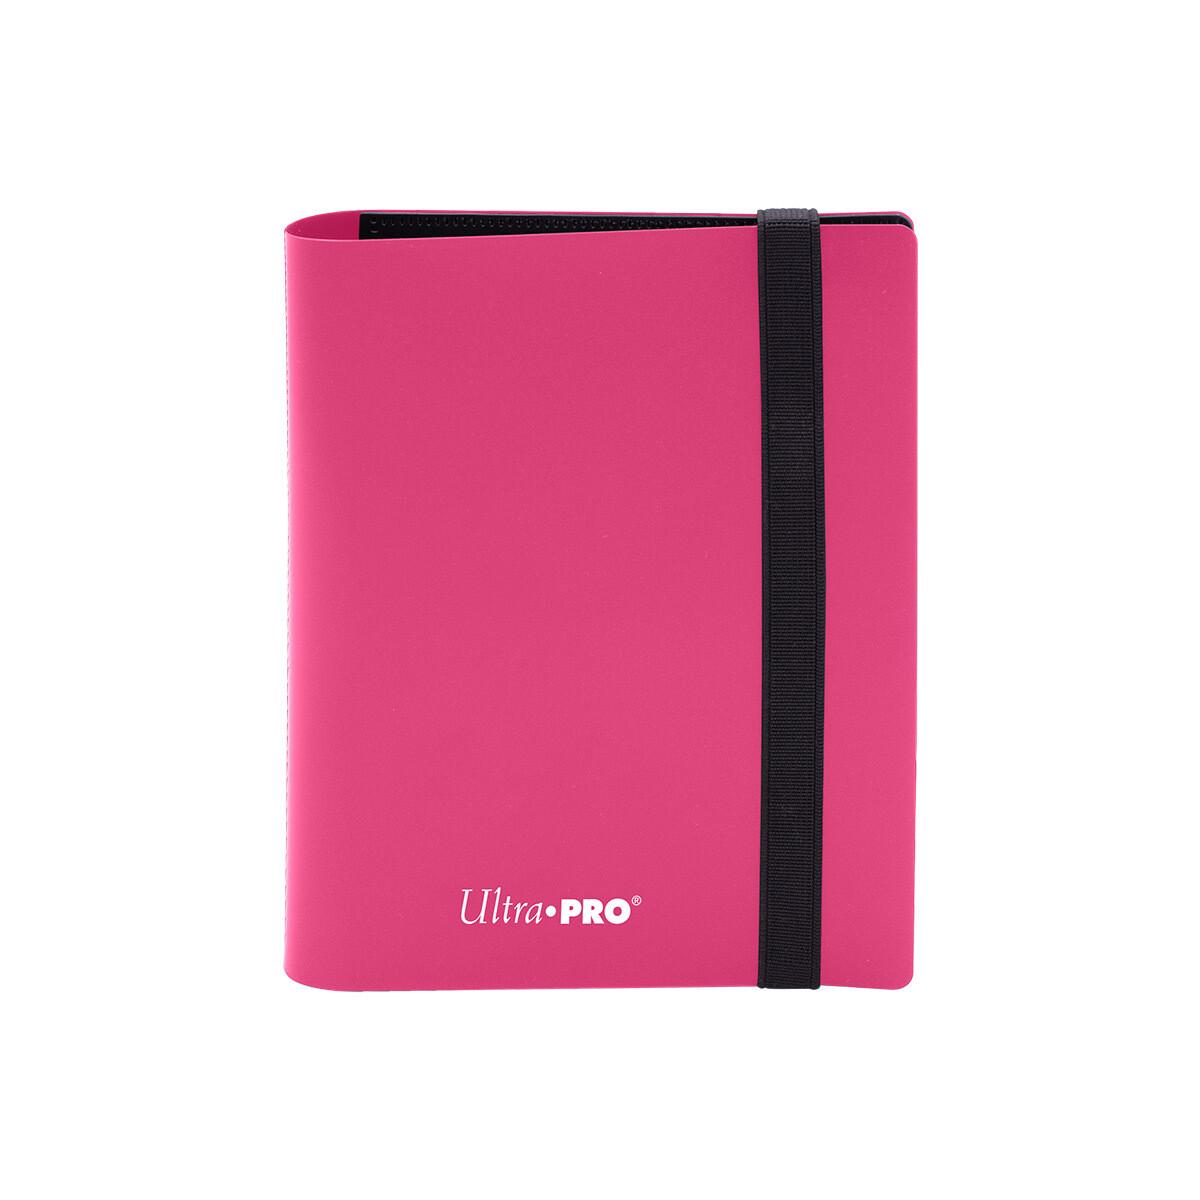 Binder: Ultra Pro: 2 Pocket Eclipse Hot Pink